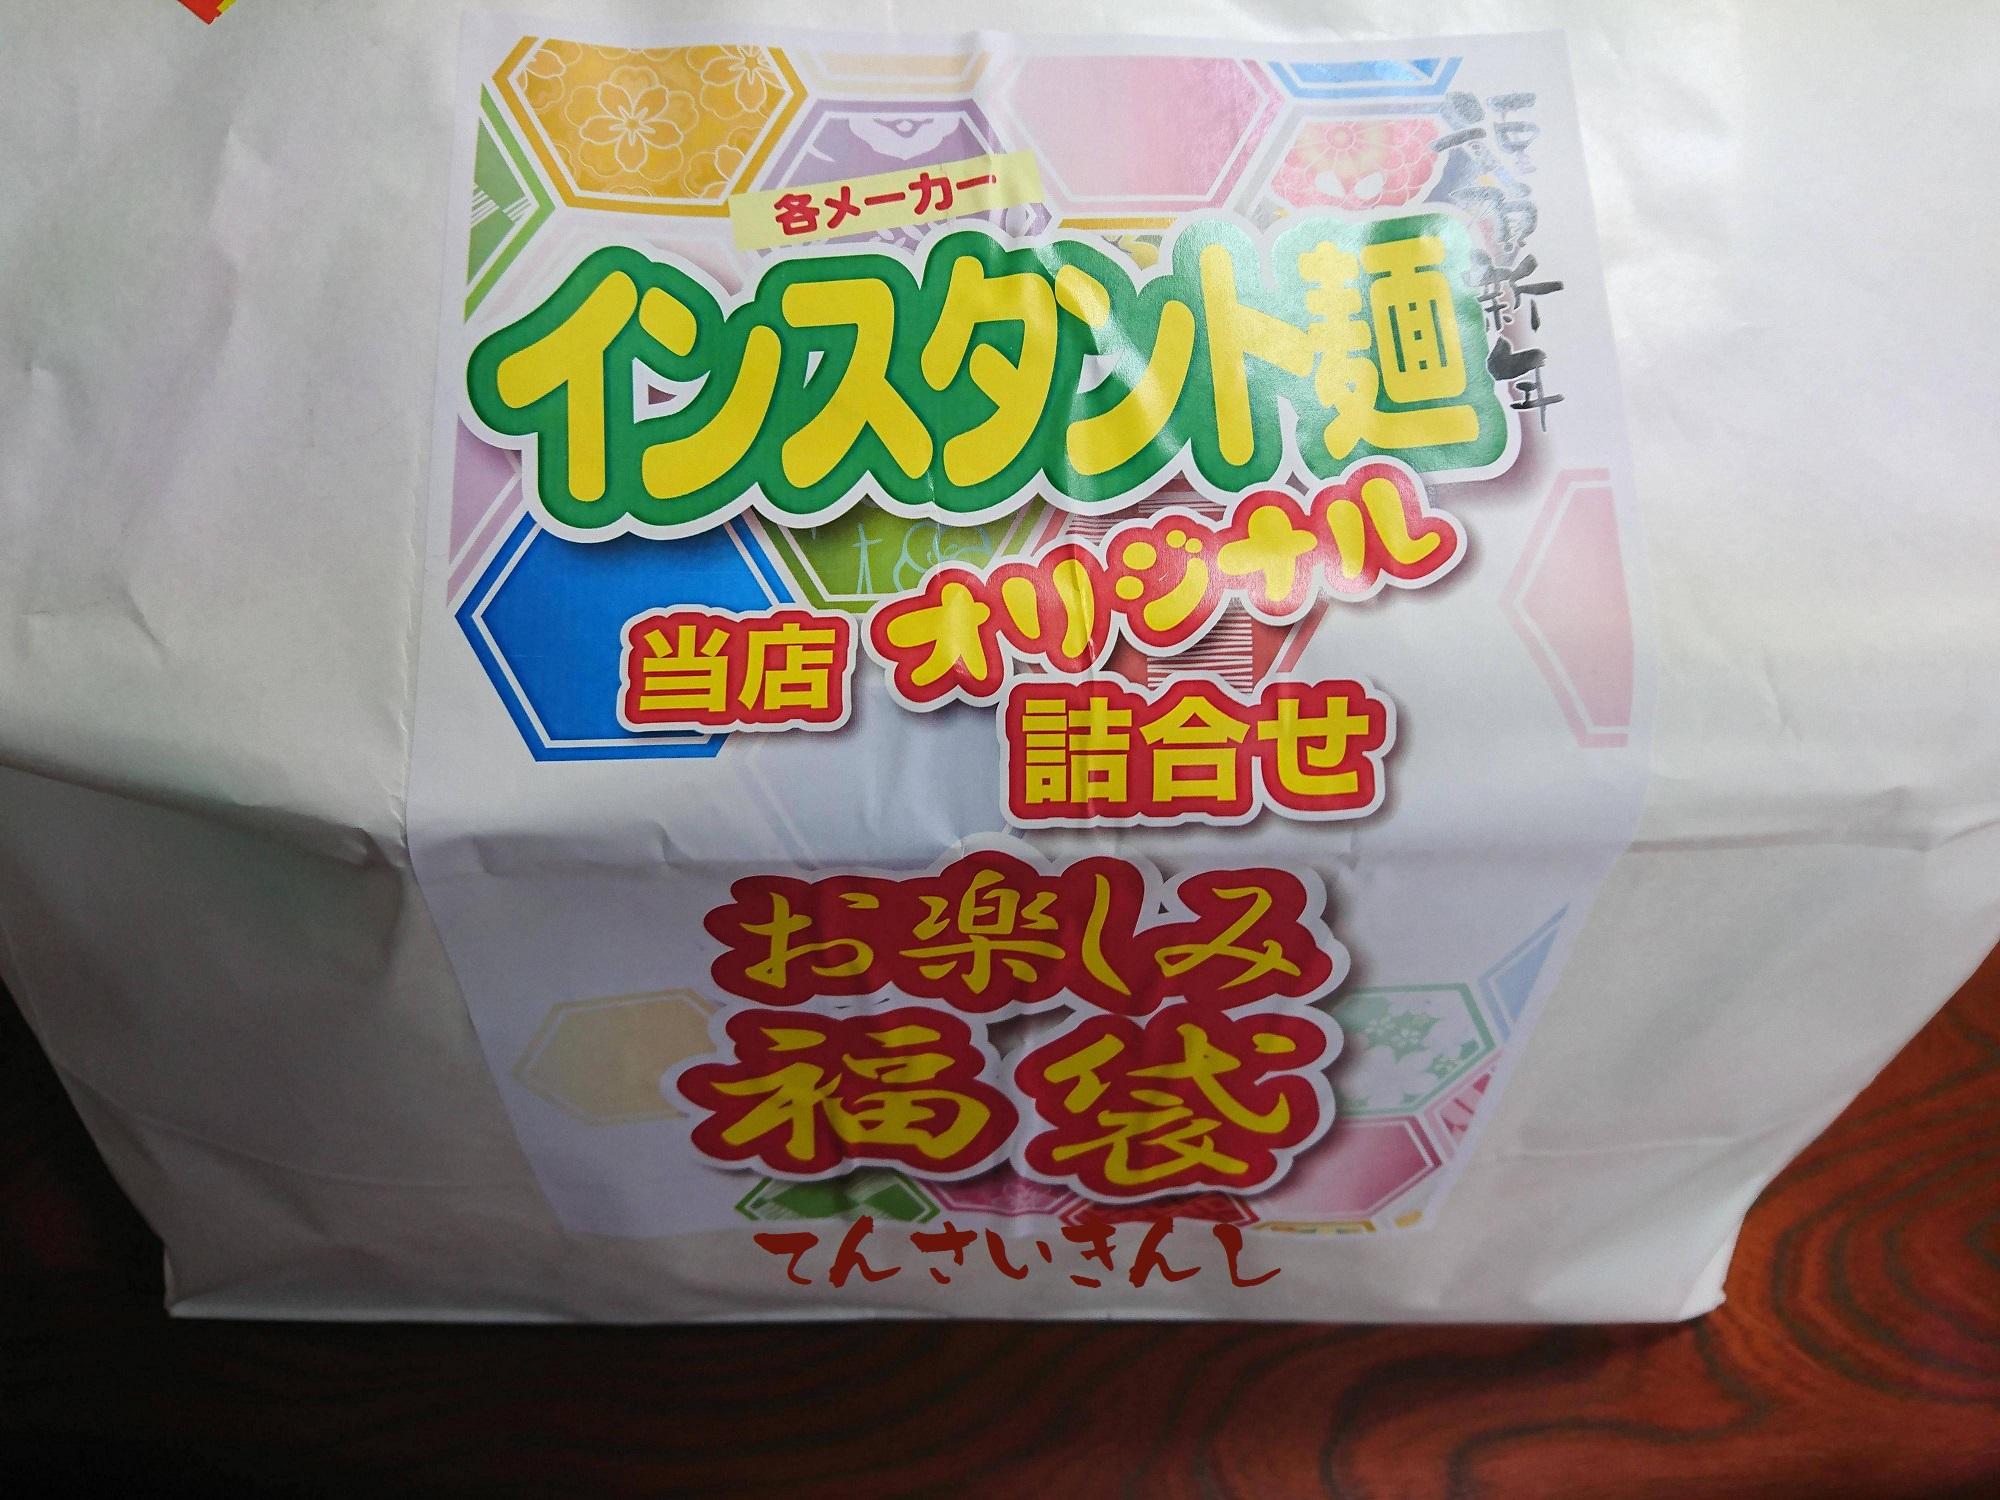 カップ麺の福袋買ってきたンゴ